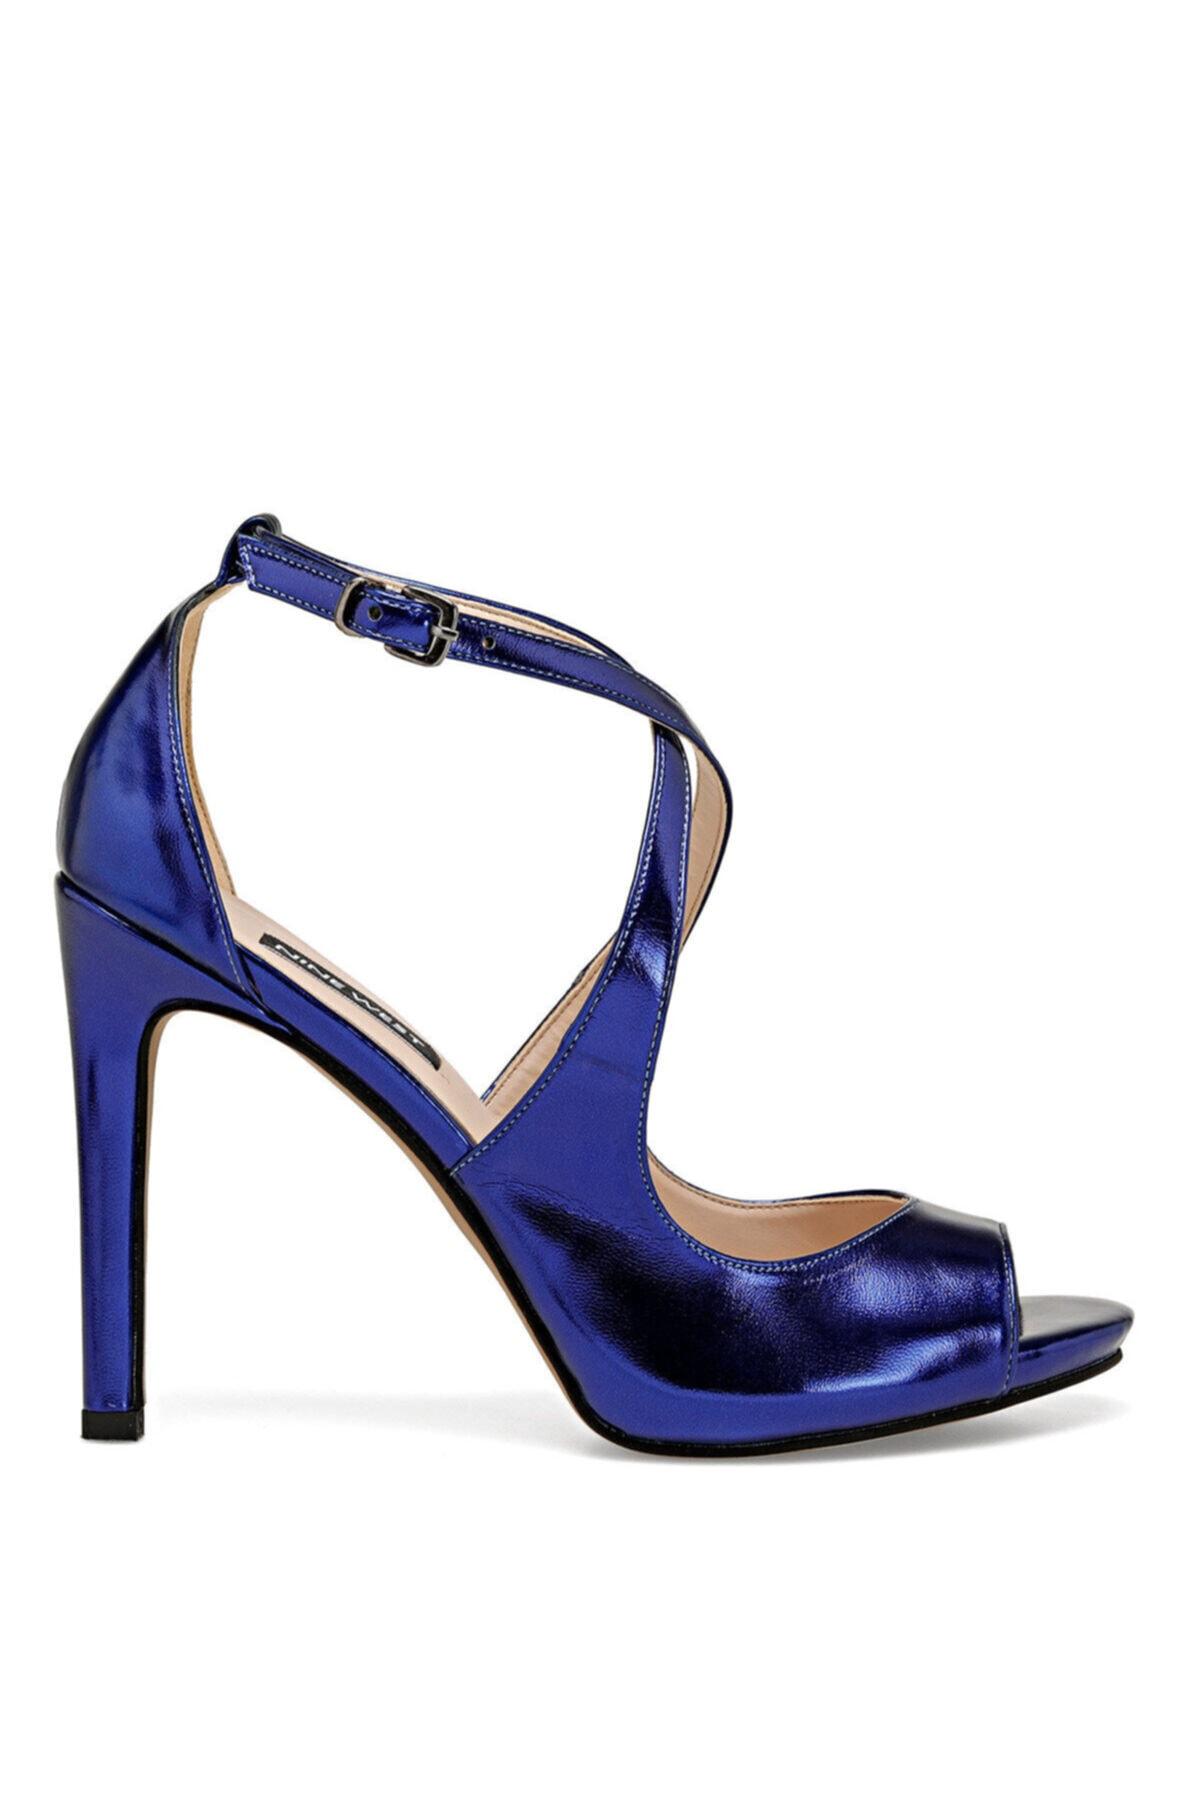 Nine West Mılla Saks Kadın Topuklu Ayakkabı 1